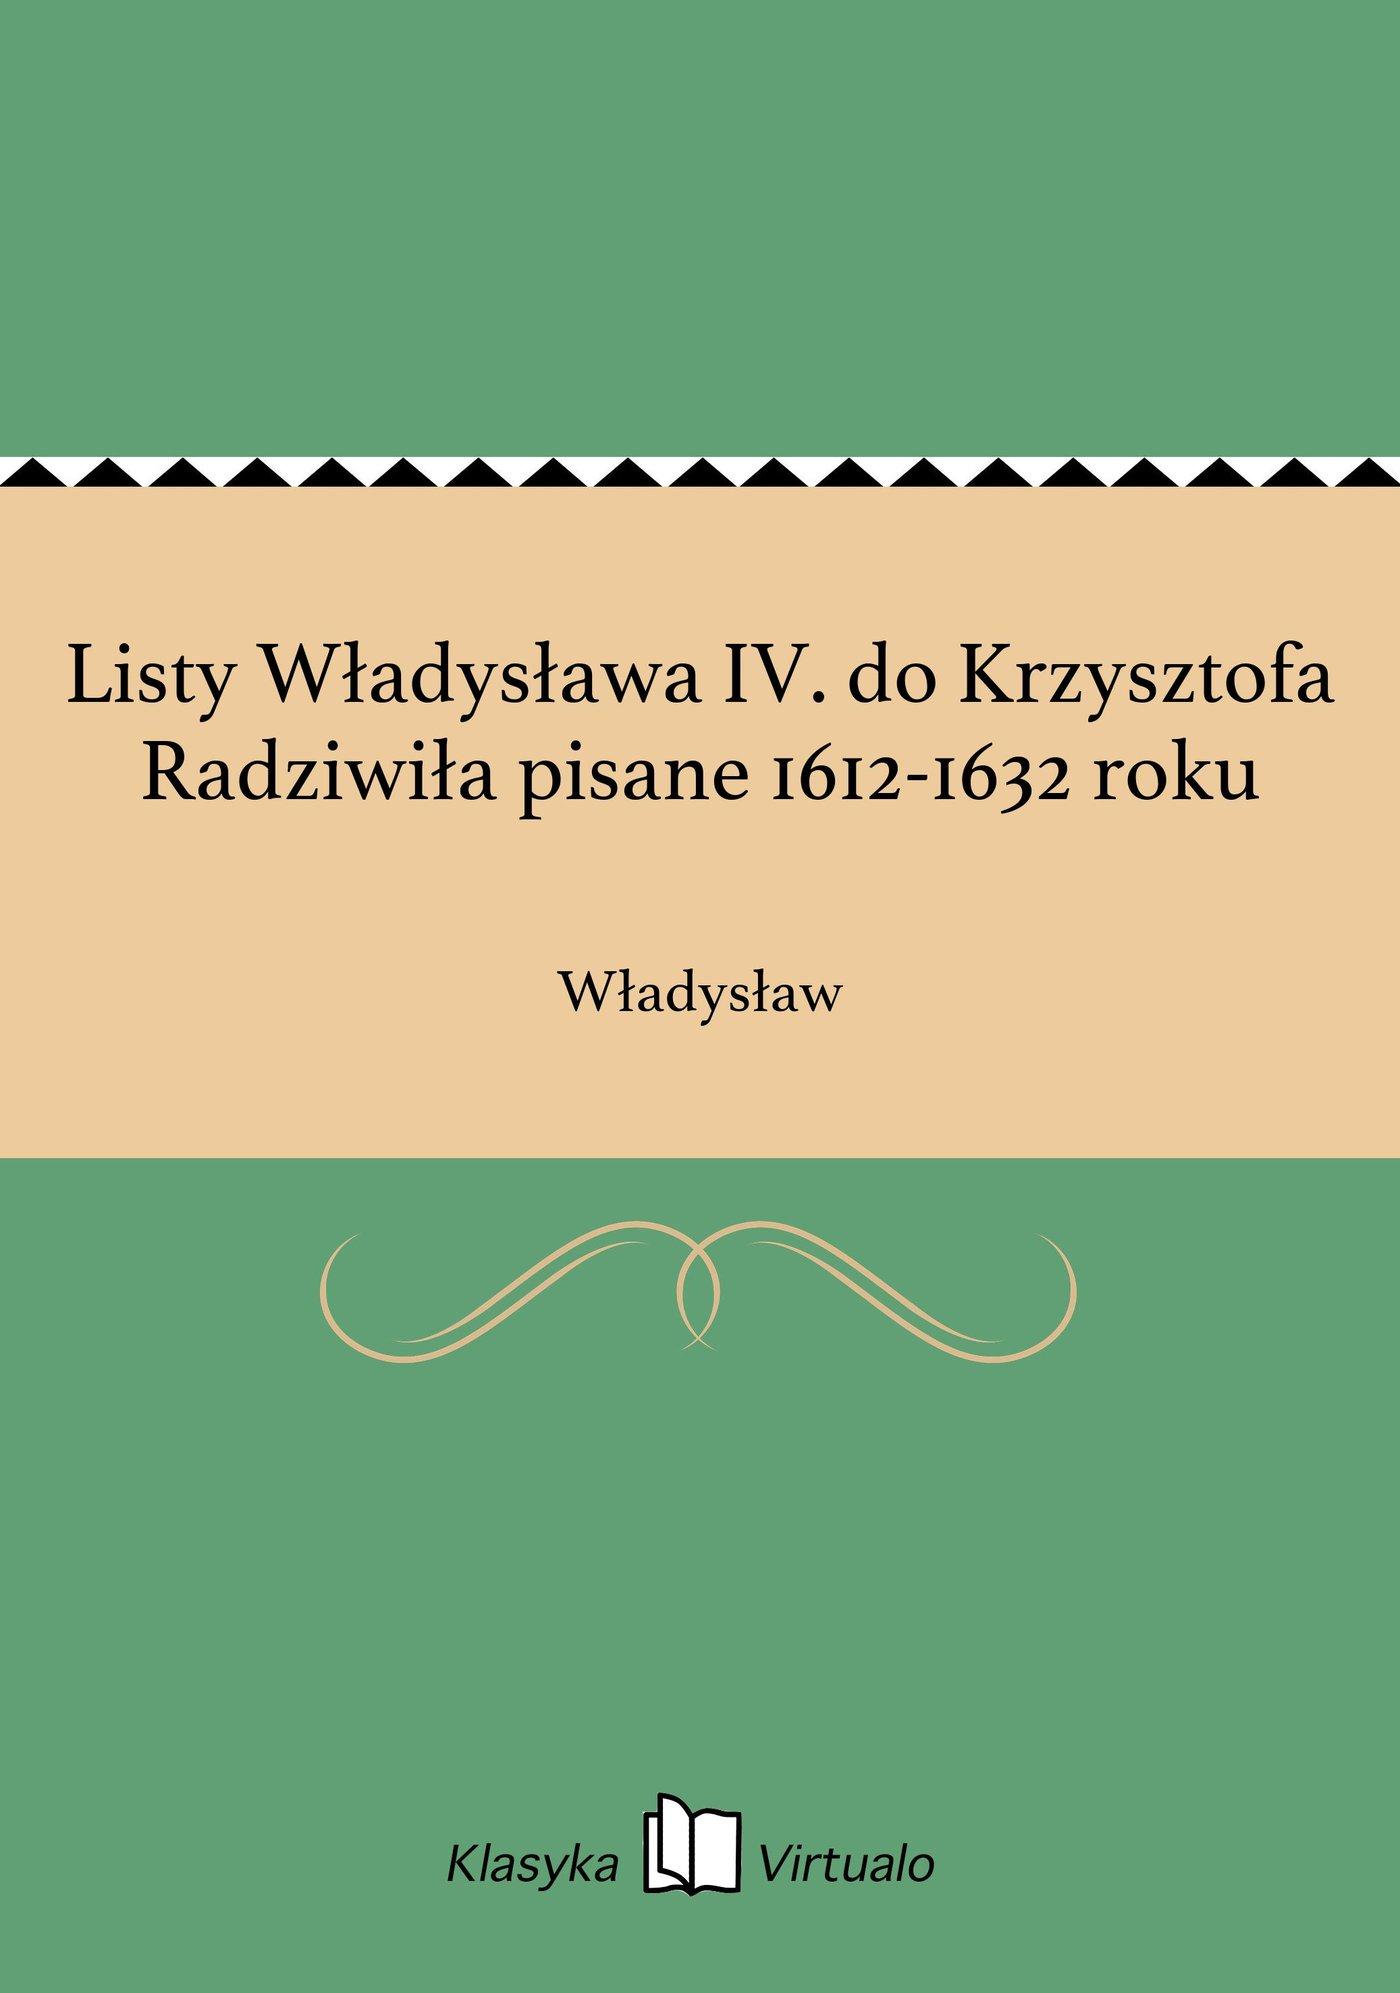 Listy Władysława IV. do Krzysztofa Radziwiła pisane 1612-1632 roku - Ebook (Książka EPUB) do pobrania w formacie EPUB